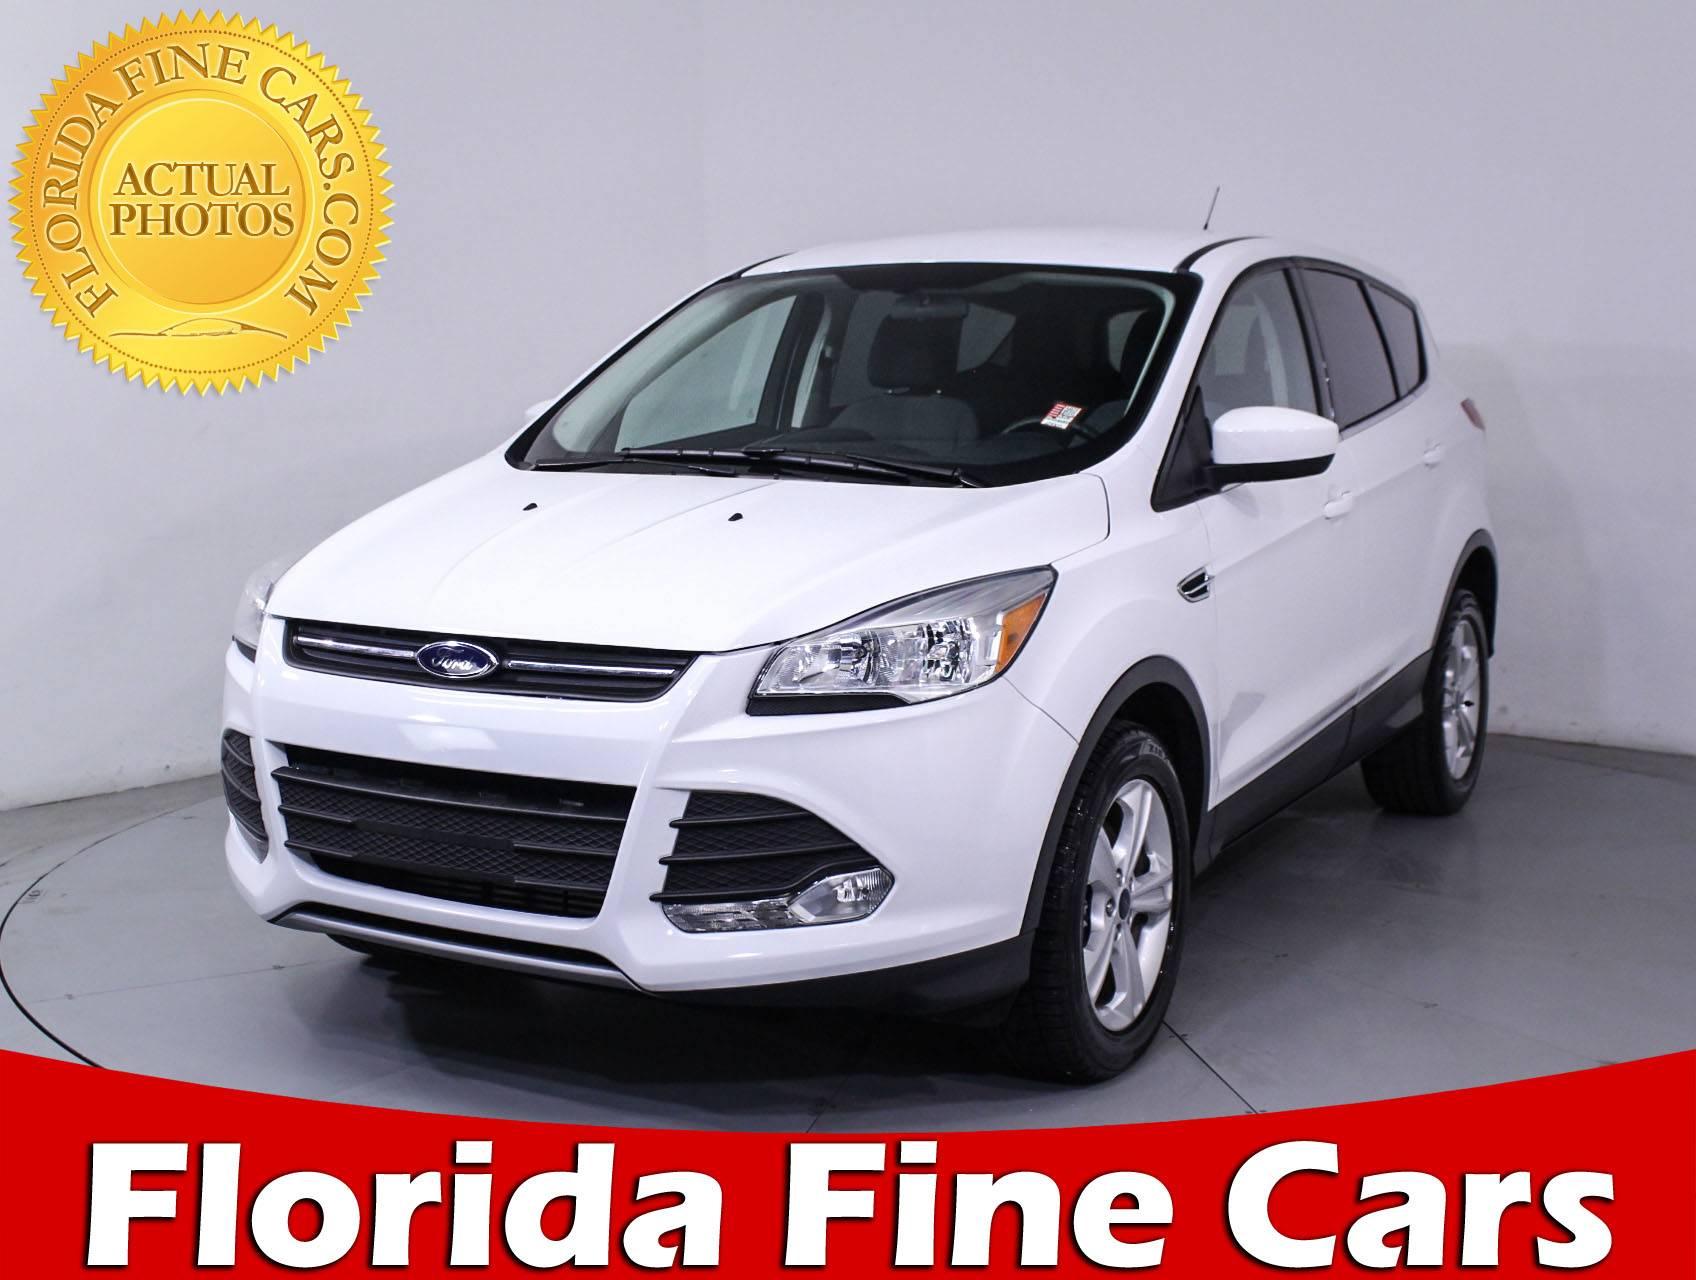 Used 2016 FORD ESCAPE Ecoboost Se SUV for sale in MIAMI FL